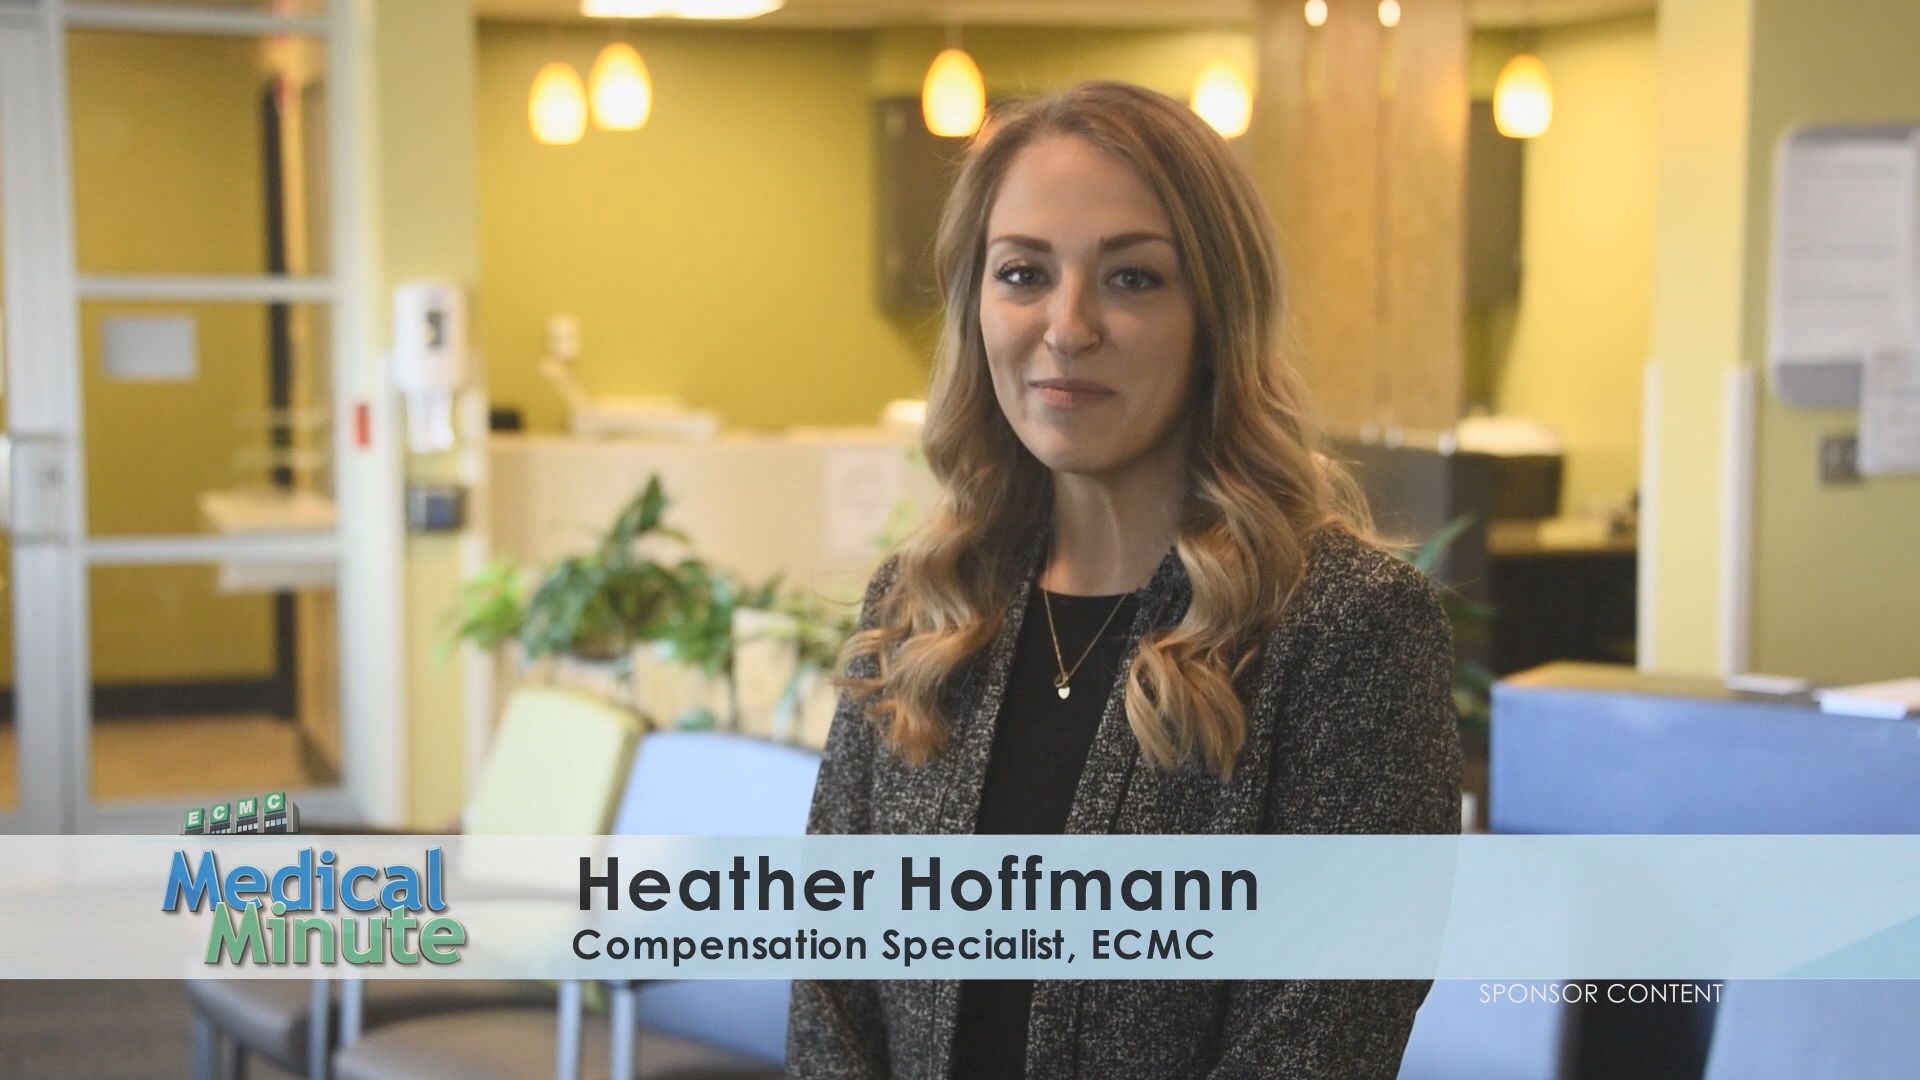 ECMCMedicalMinute HeatherHoffman TheConversationProject 041519 STILL